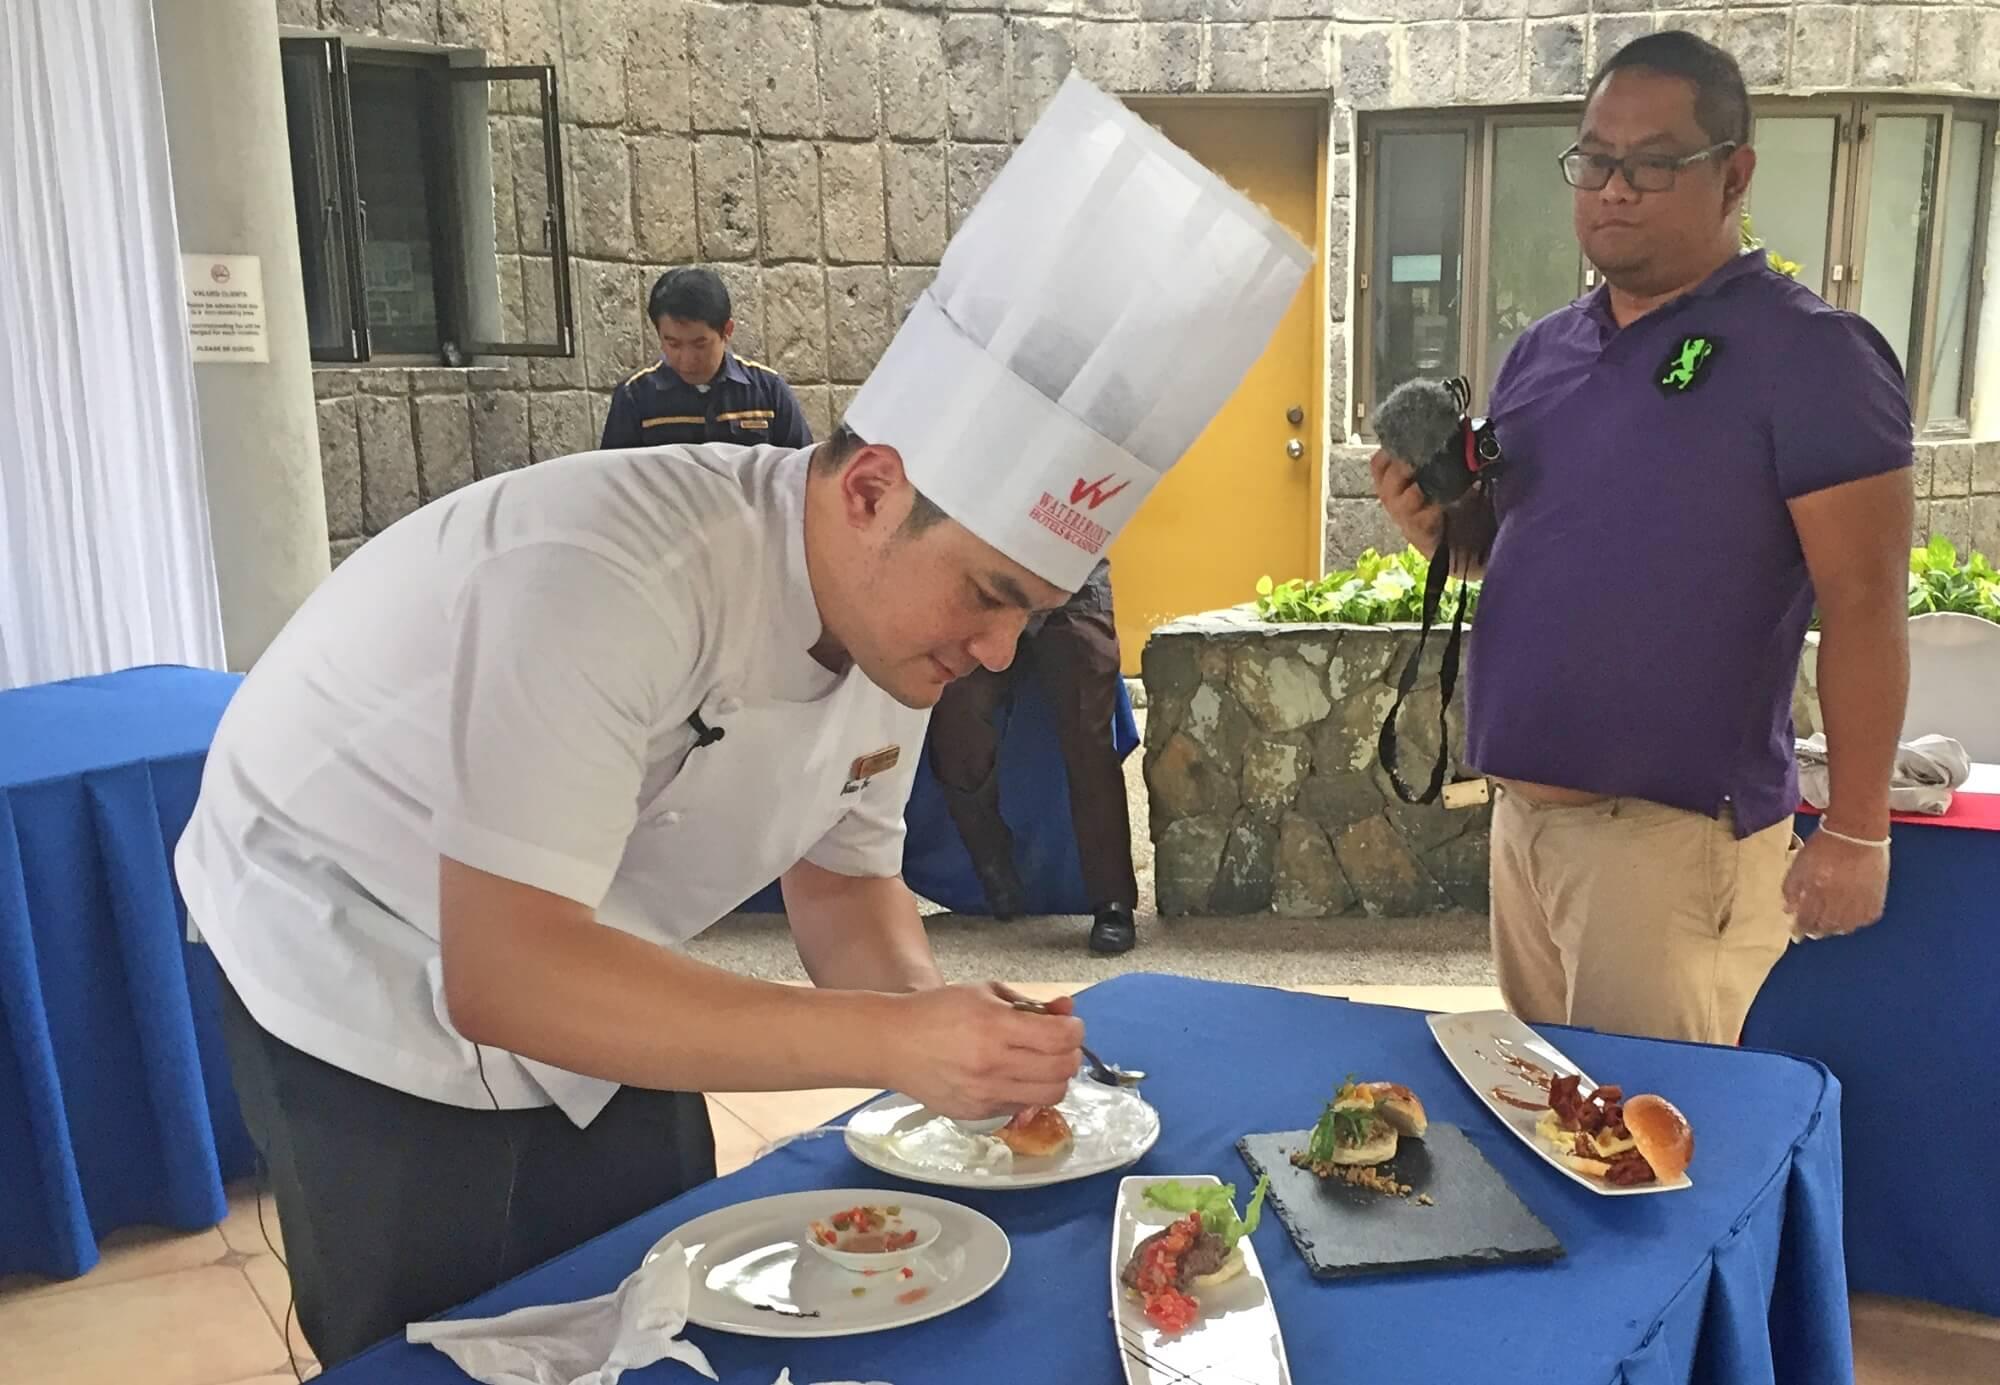 Chef Tristan Encarnacion